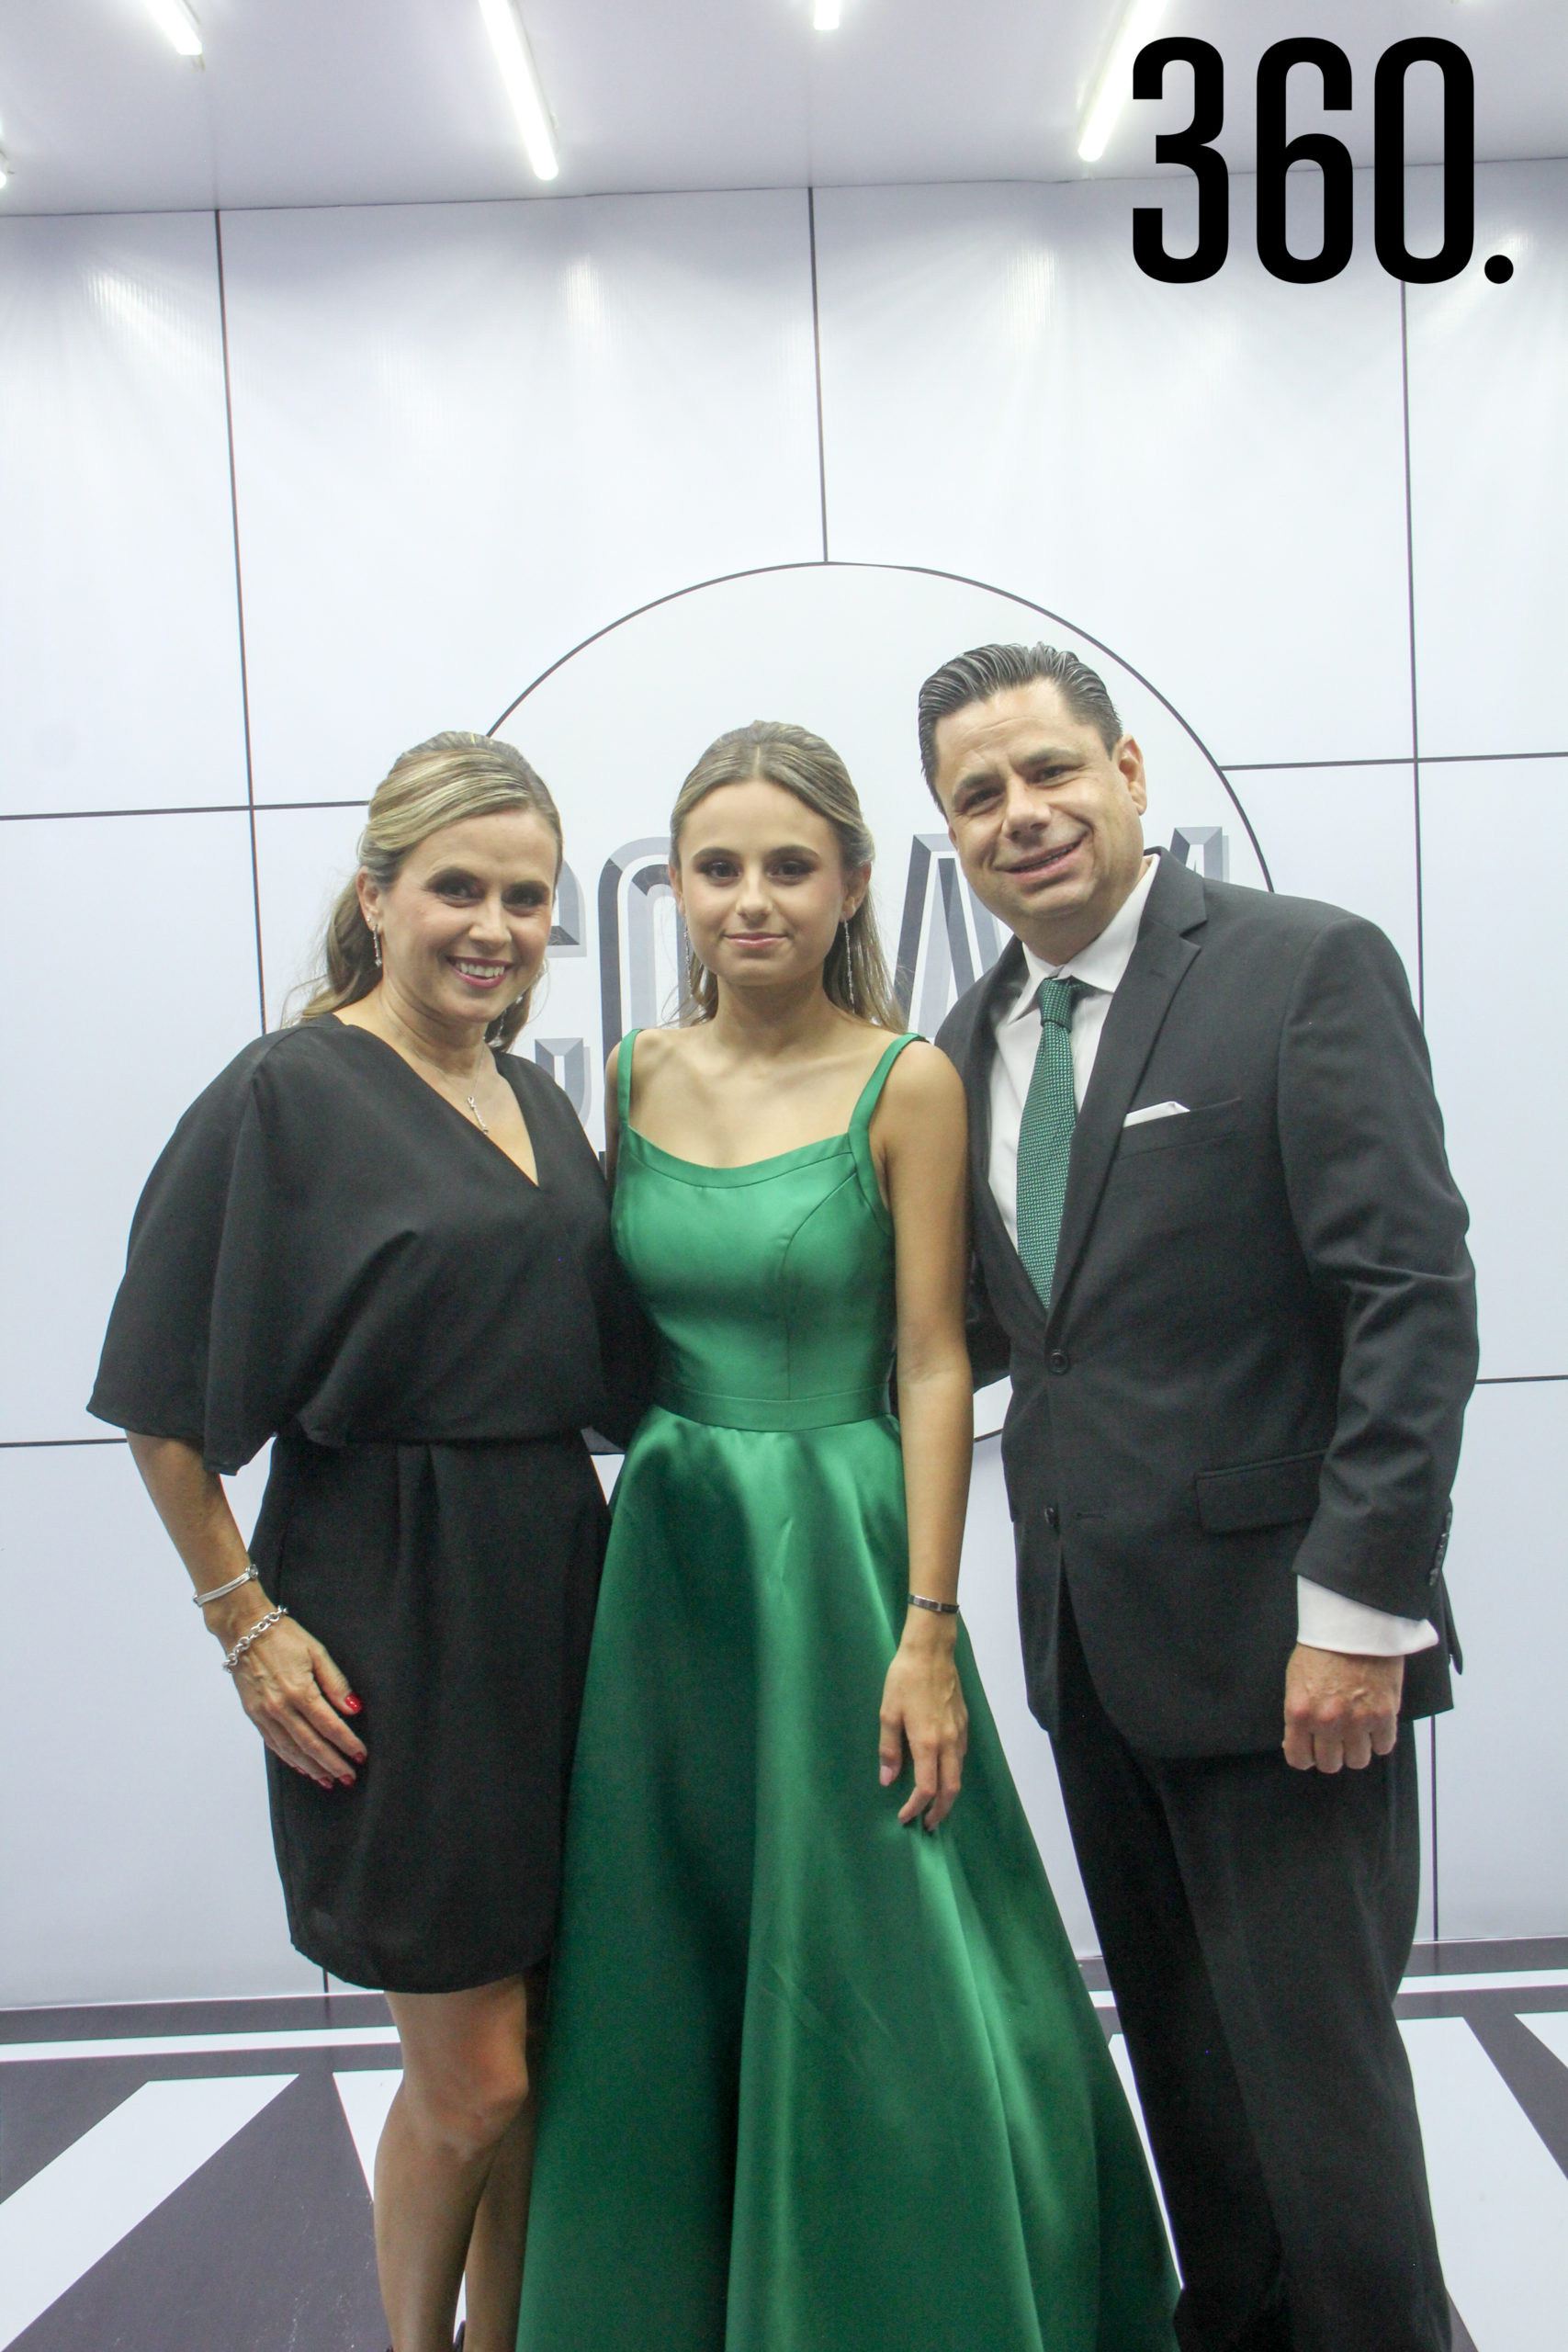 Charo del Bosque, Valeria López y Raúl López.